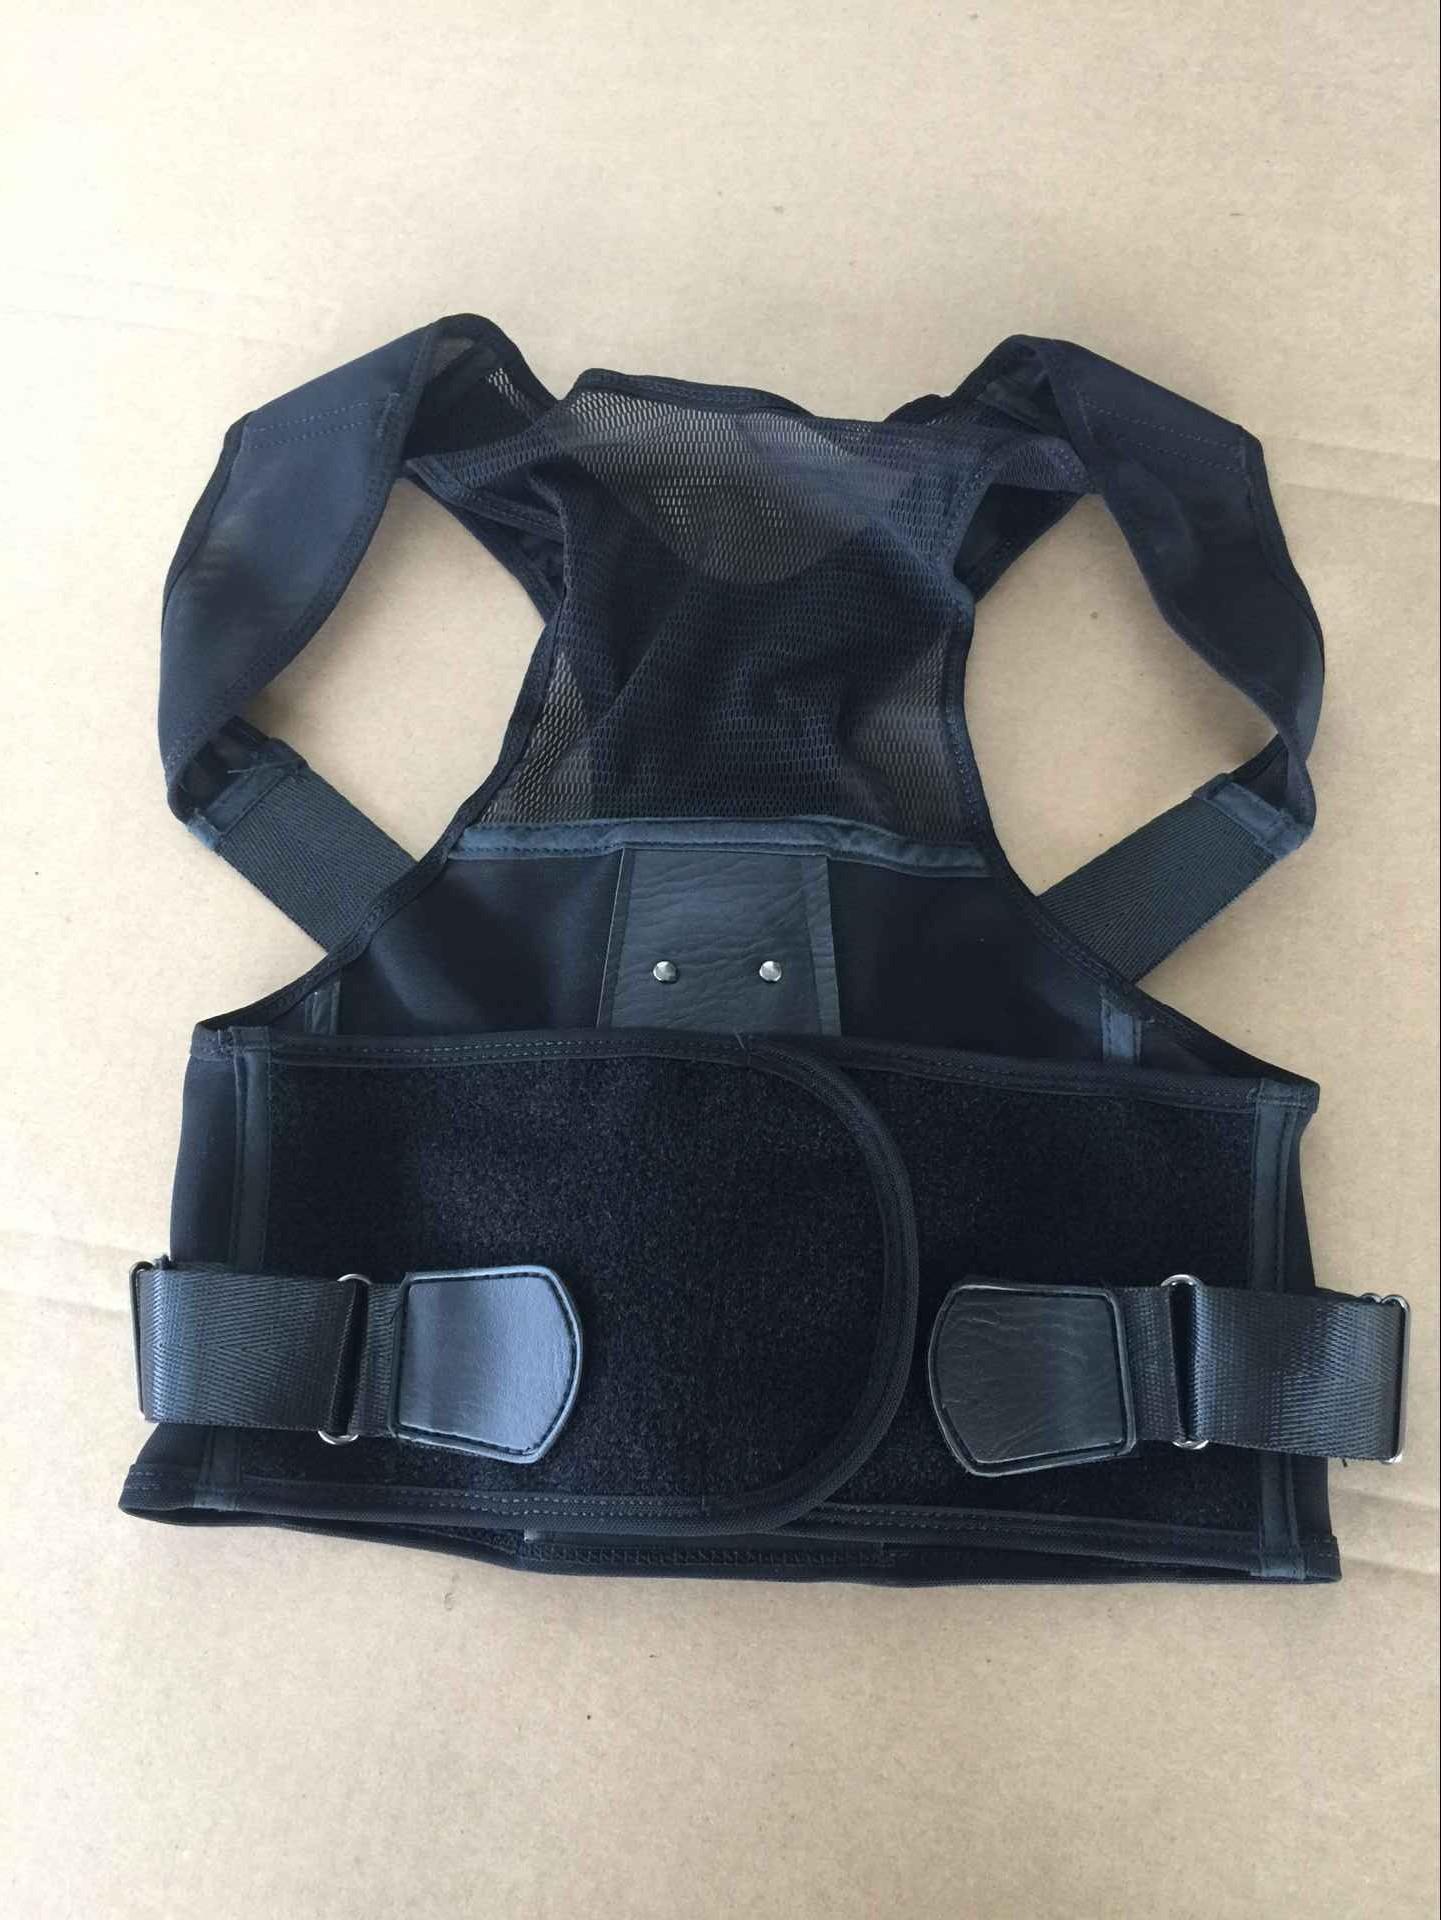 11月30日最新优惠厂家直销防驼背矫姿带成人儿童男女士学生通用款矫正带脊椎矫正器